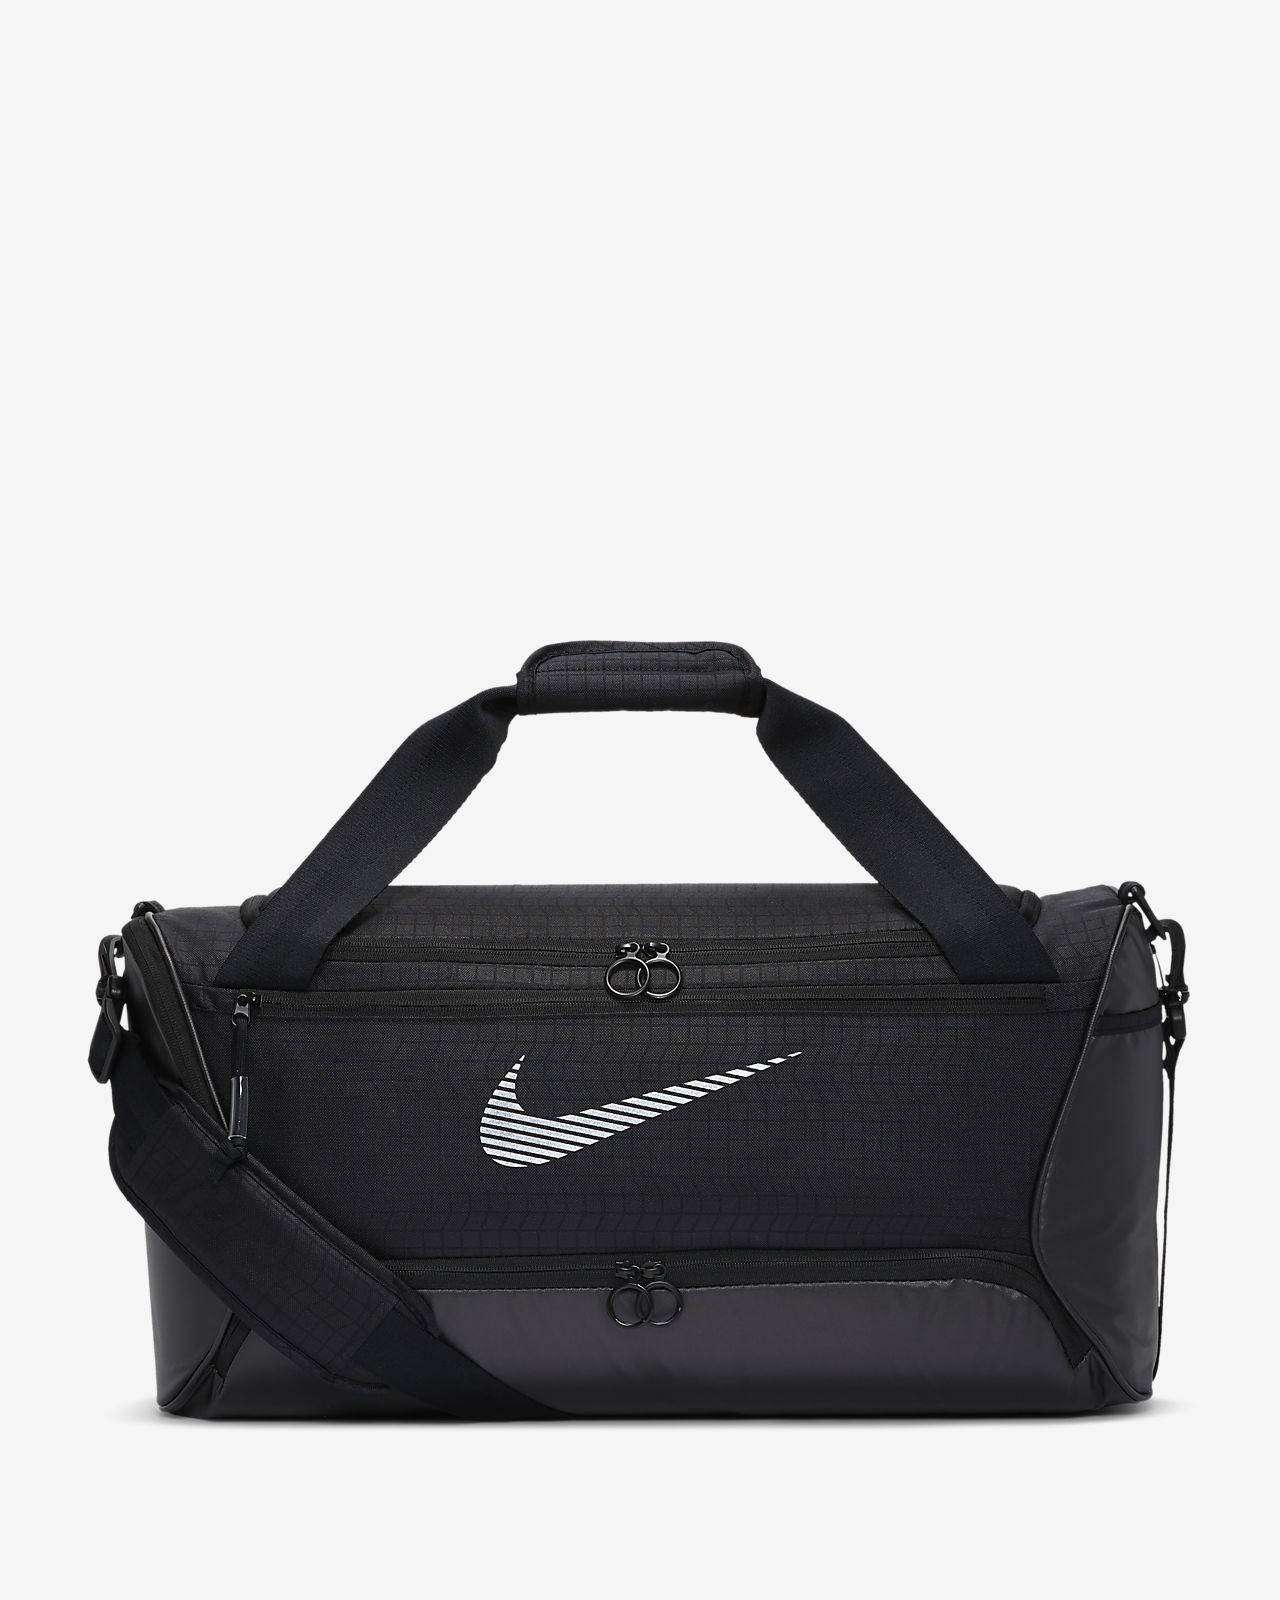 Τσάντα γυμναστηρίου για προπόνηση Nike Brasilia